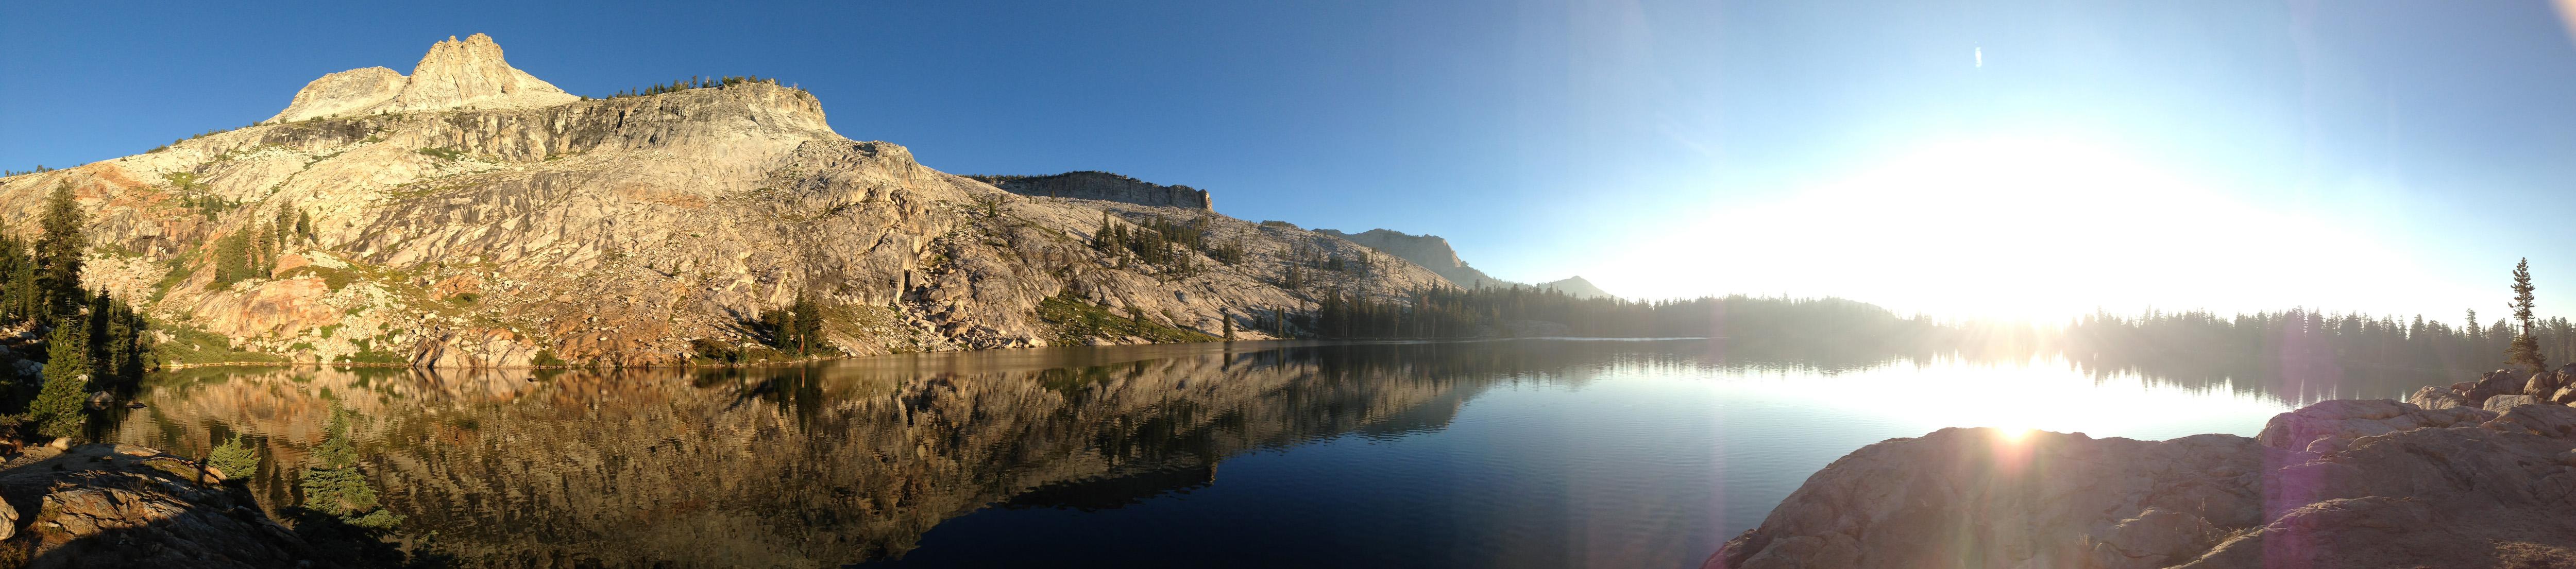 May Lake and reflection of Mt Hoffman at Dawn